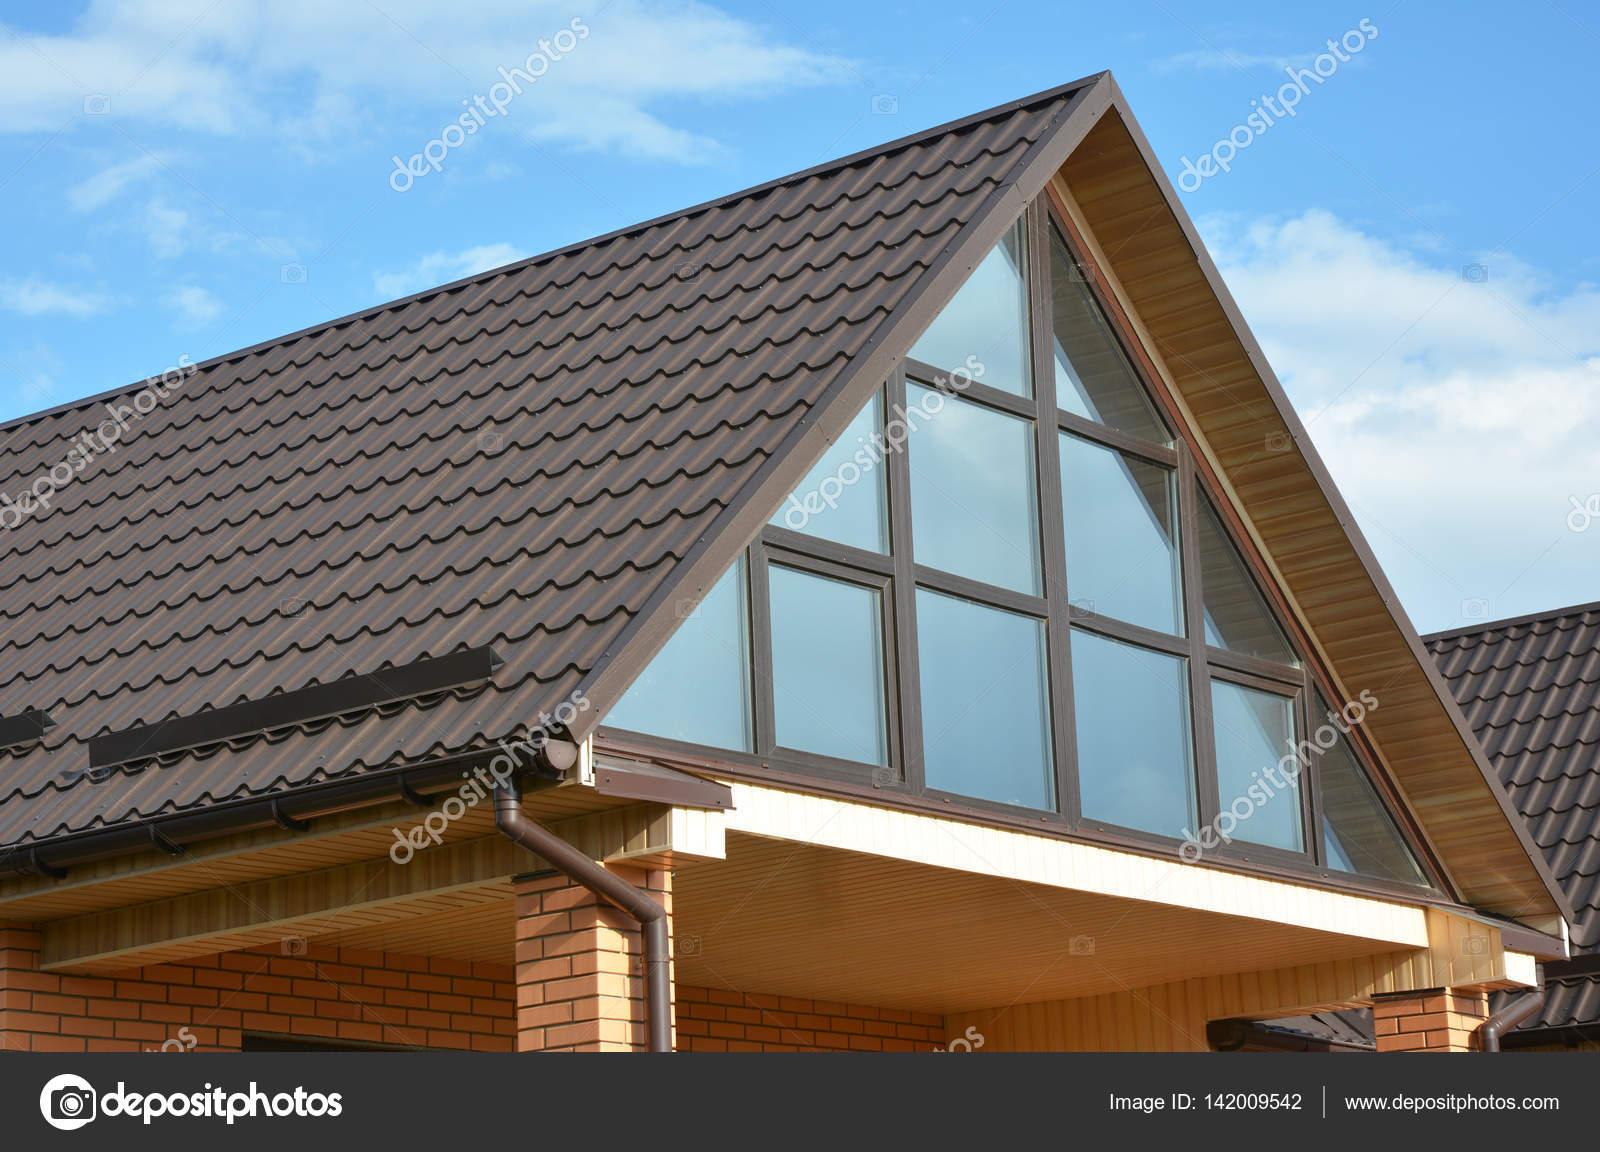 Maison moderne avec toiture en métal, lucarne, fenêtre panoramique ...